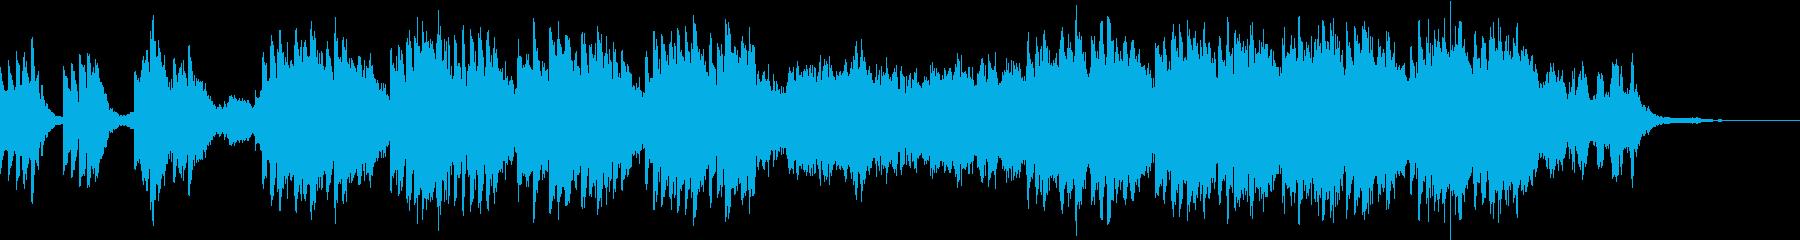 不気味で不穏な雰囲気のホラーBGMの再生済みの波形